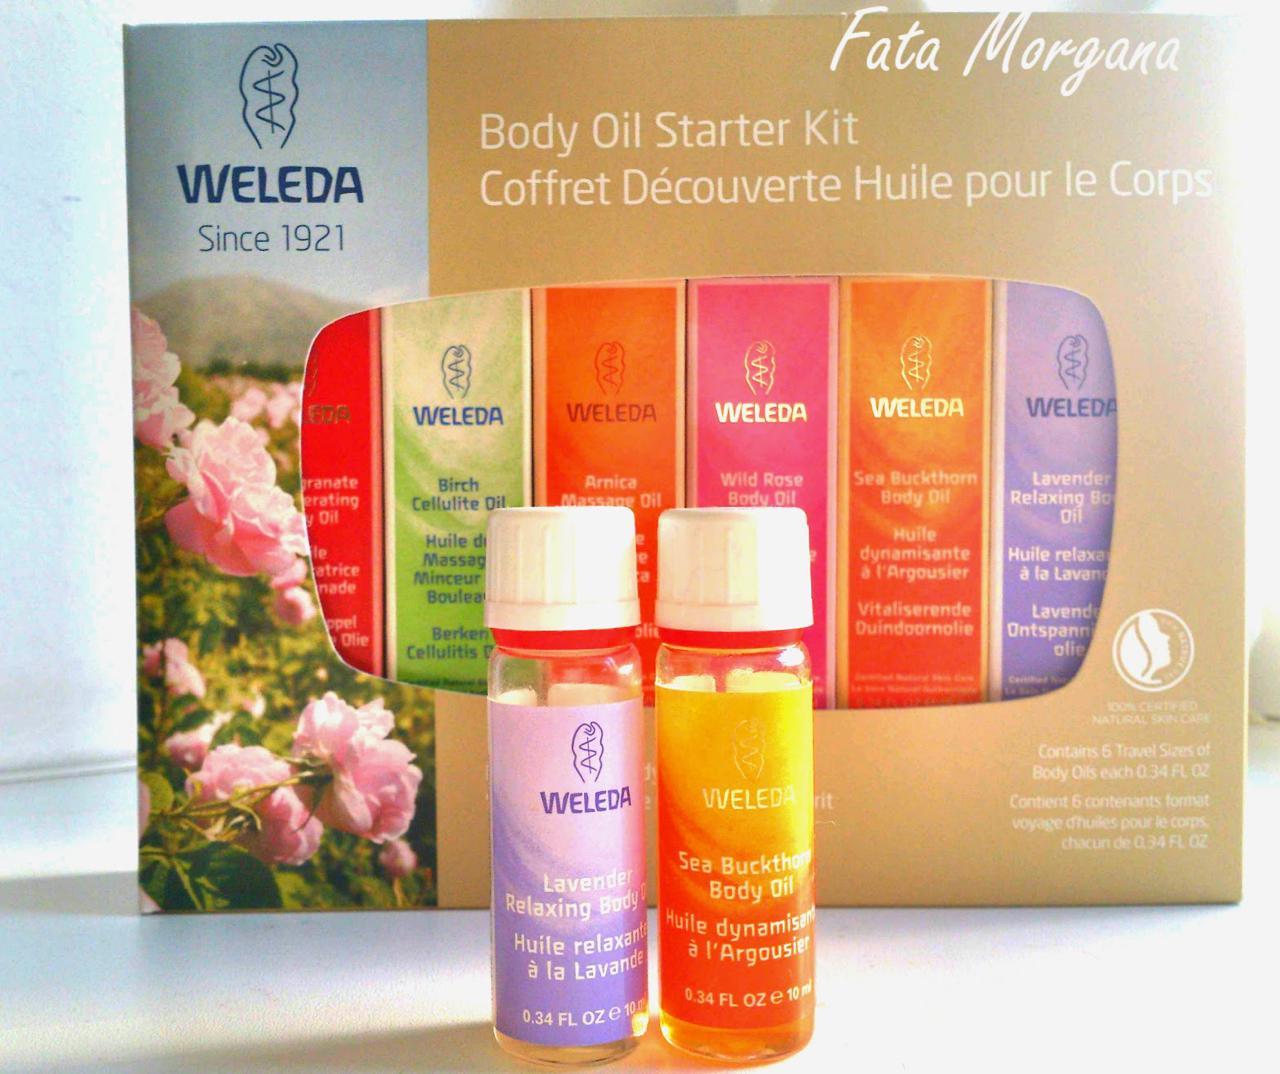 Weleda, базовый набор масел для красоты лица и тела. Очень нежное масло, которое питает кожу на весь день